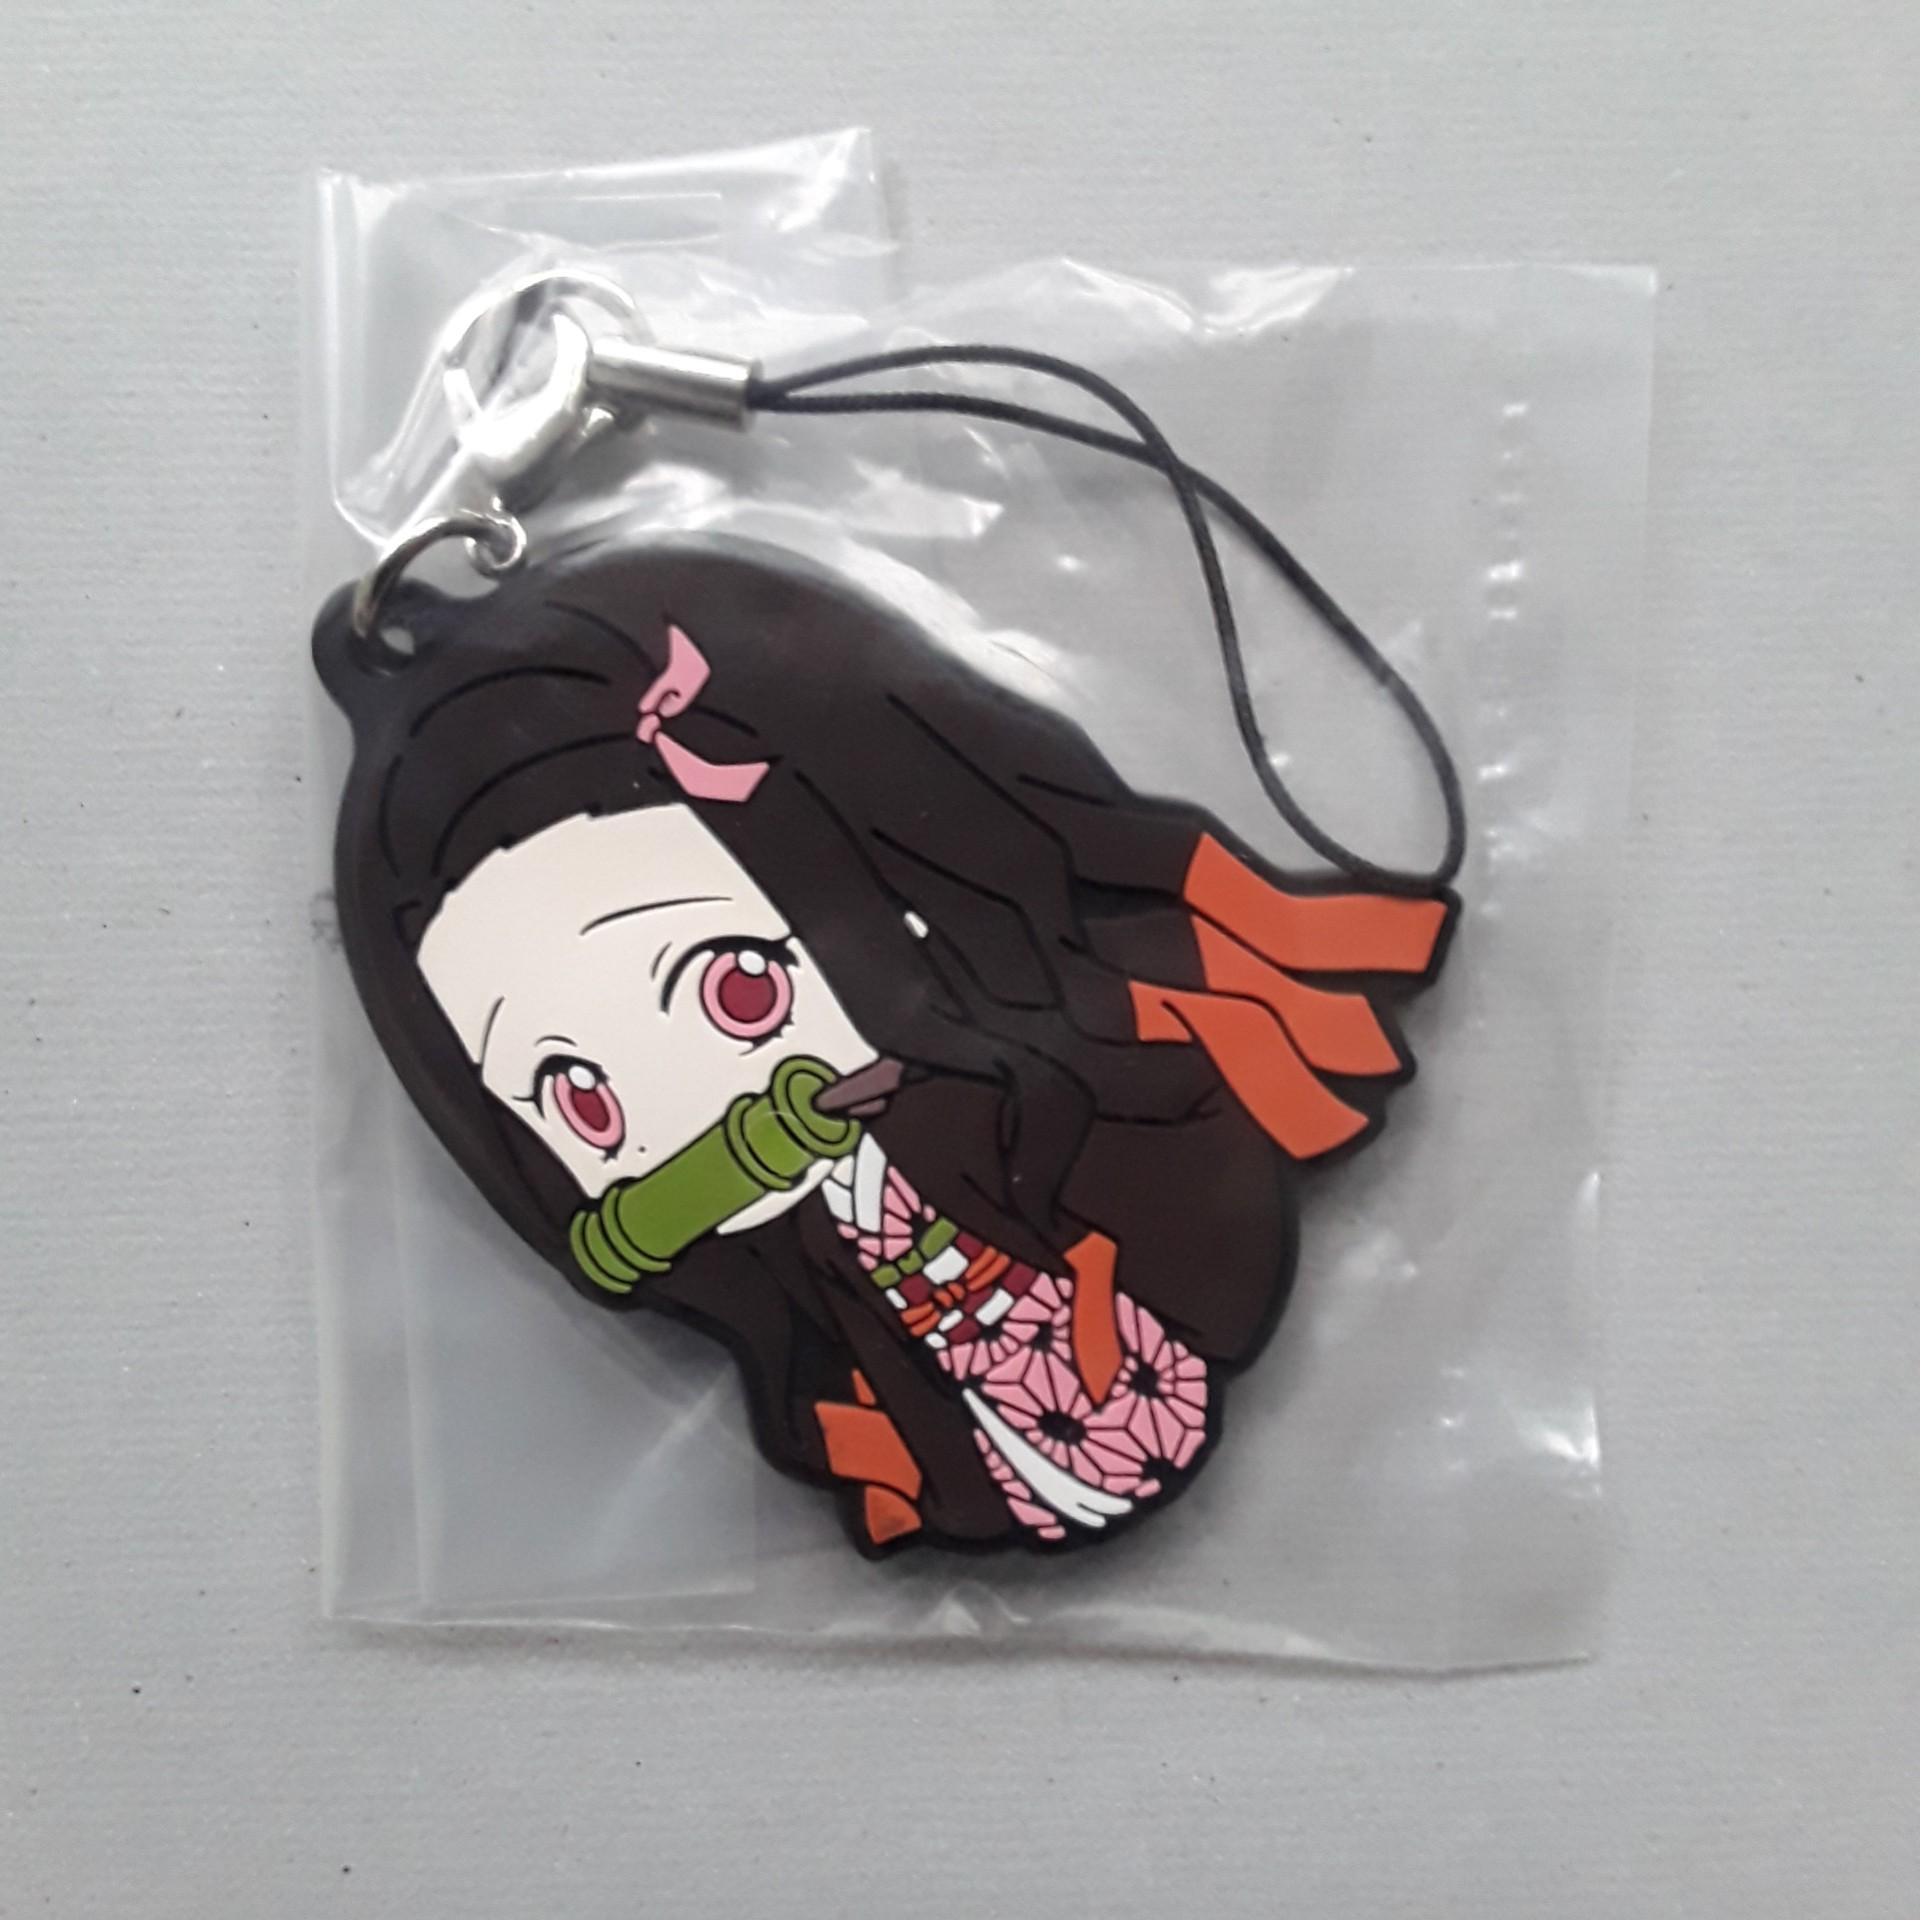 Kimetsu no Yaiba Kuji Rubber Strap Charm Nezuko Kamado Koyoharu Gotoge Anime b